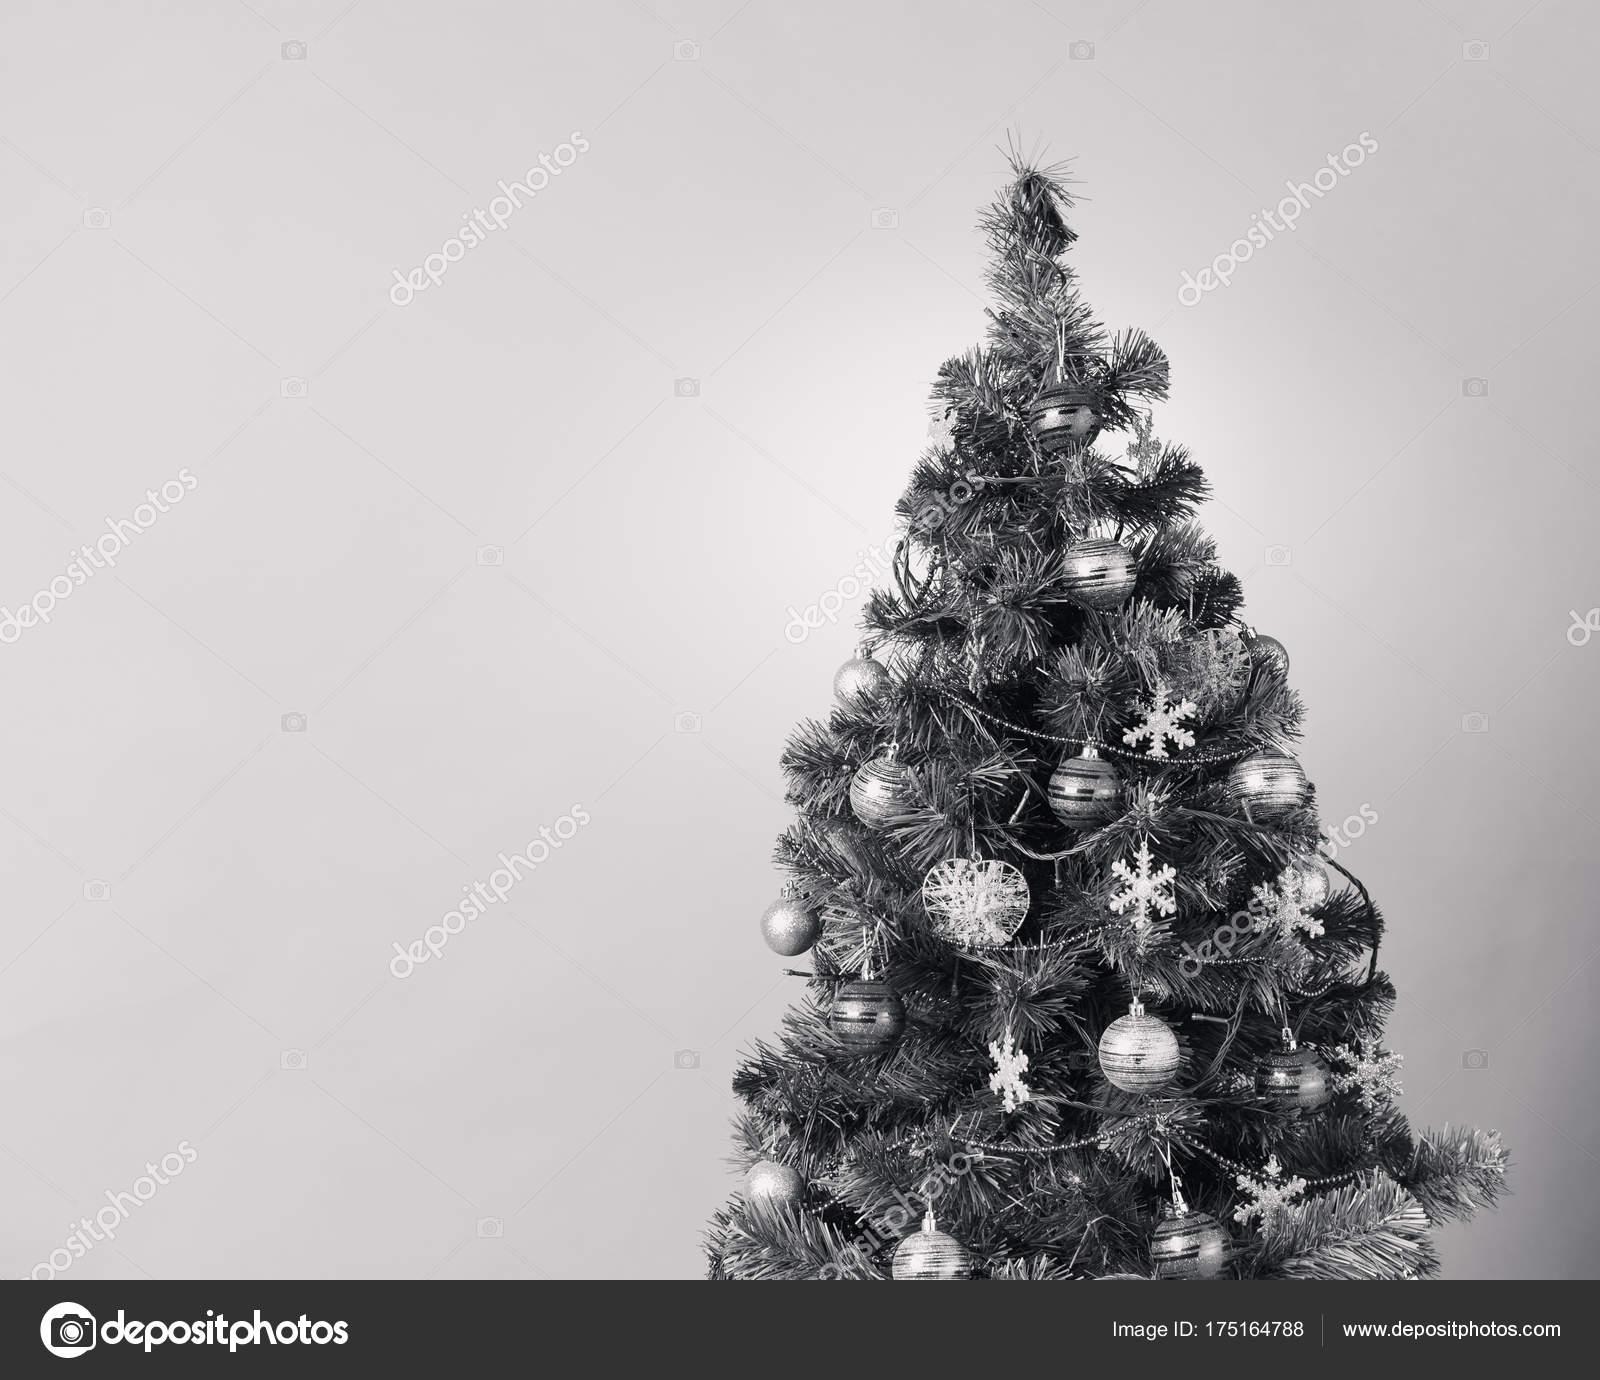 Weihnachtsbaum Schwarz.Weihnachtsbaum Mit Dekoration Schwarz Weiß Stockfoto Nikkytok